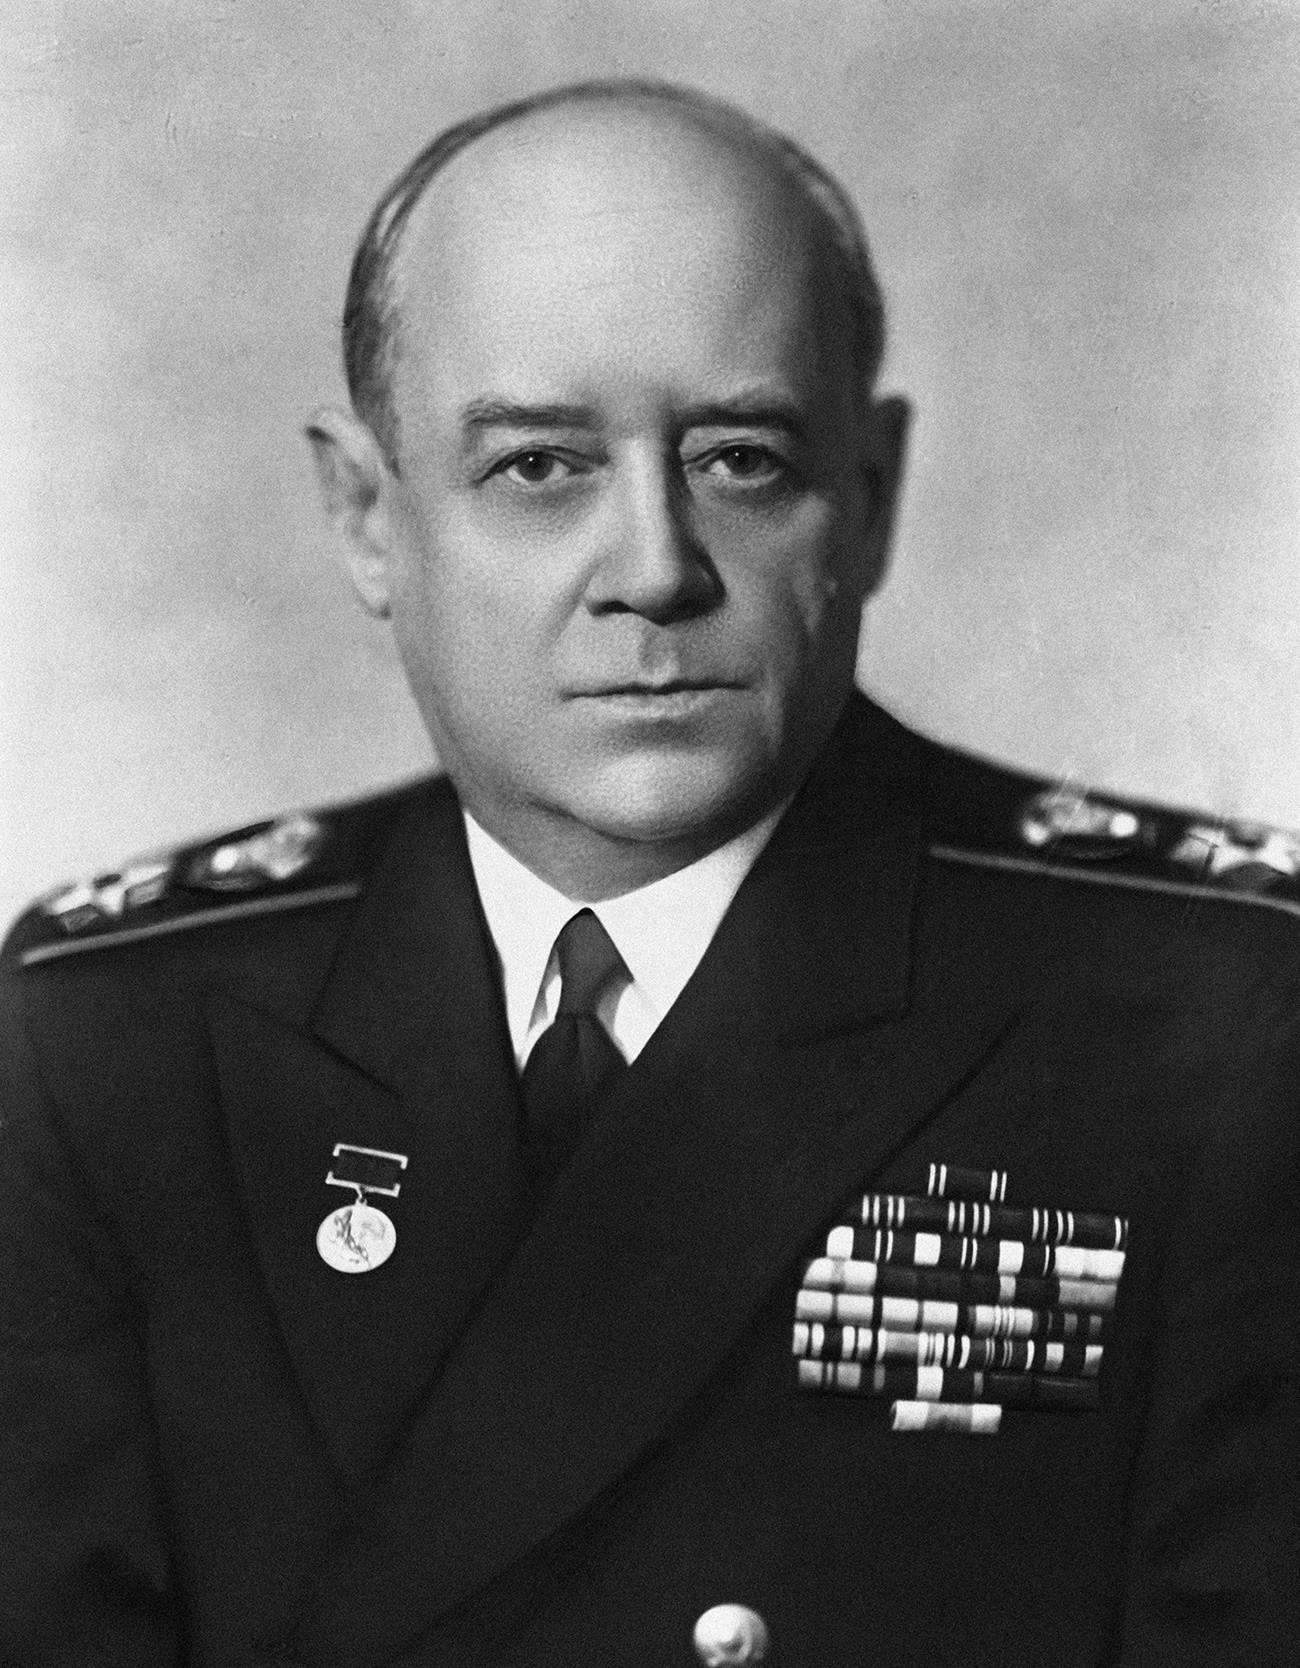 Almirante de la flota de la Unión Soviética Iván Stepanovich Isakov (1894-1967). Reproducción de una fotografía